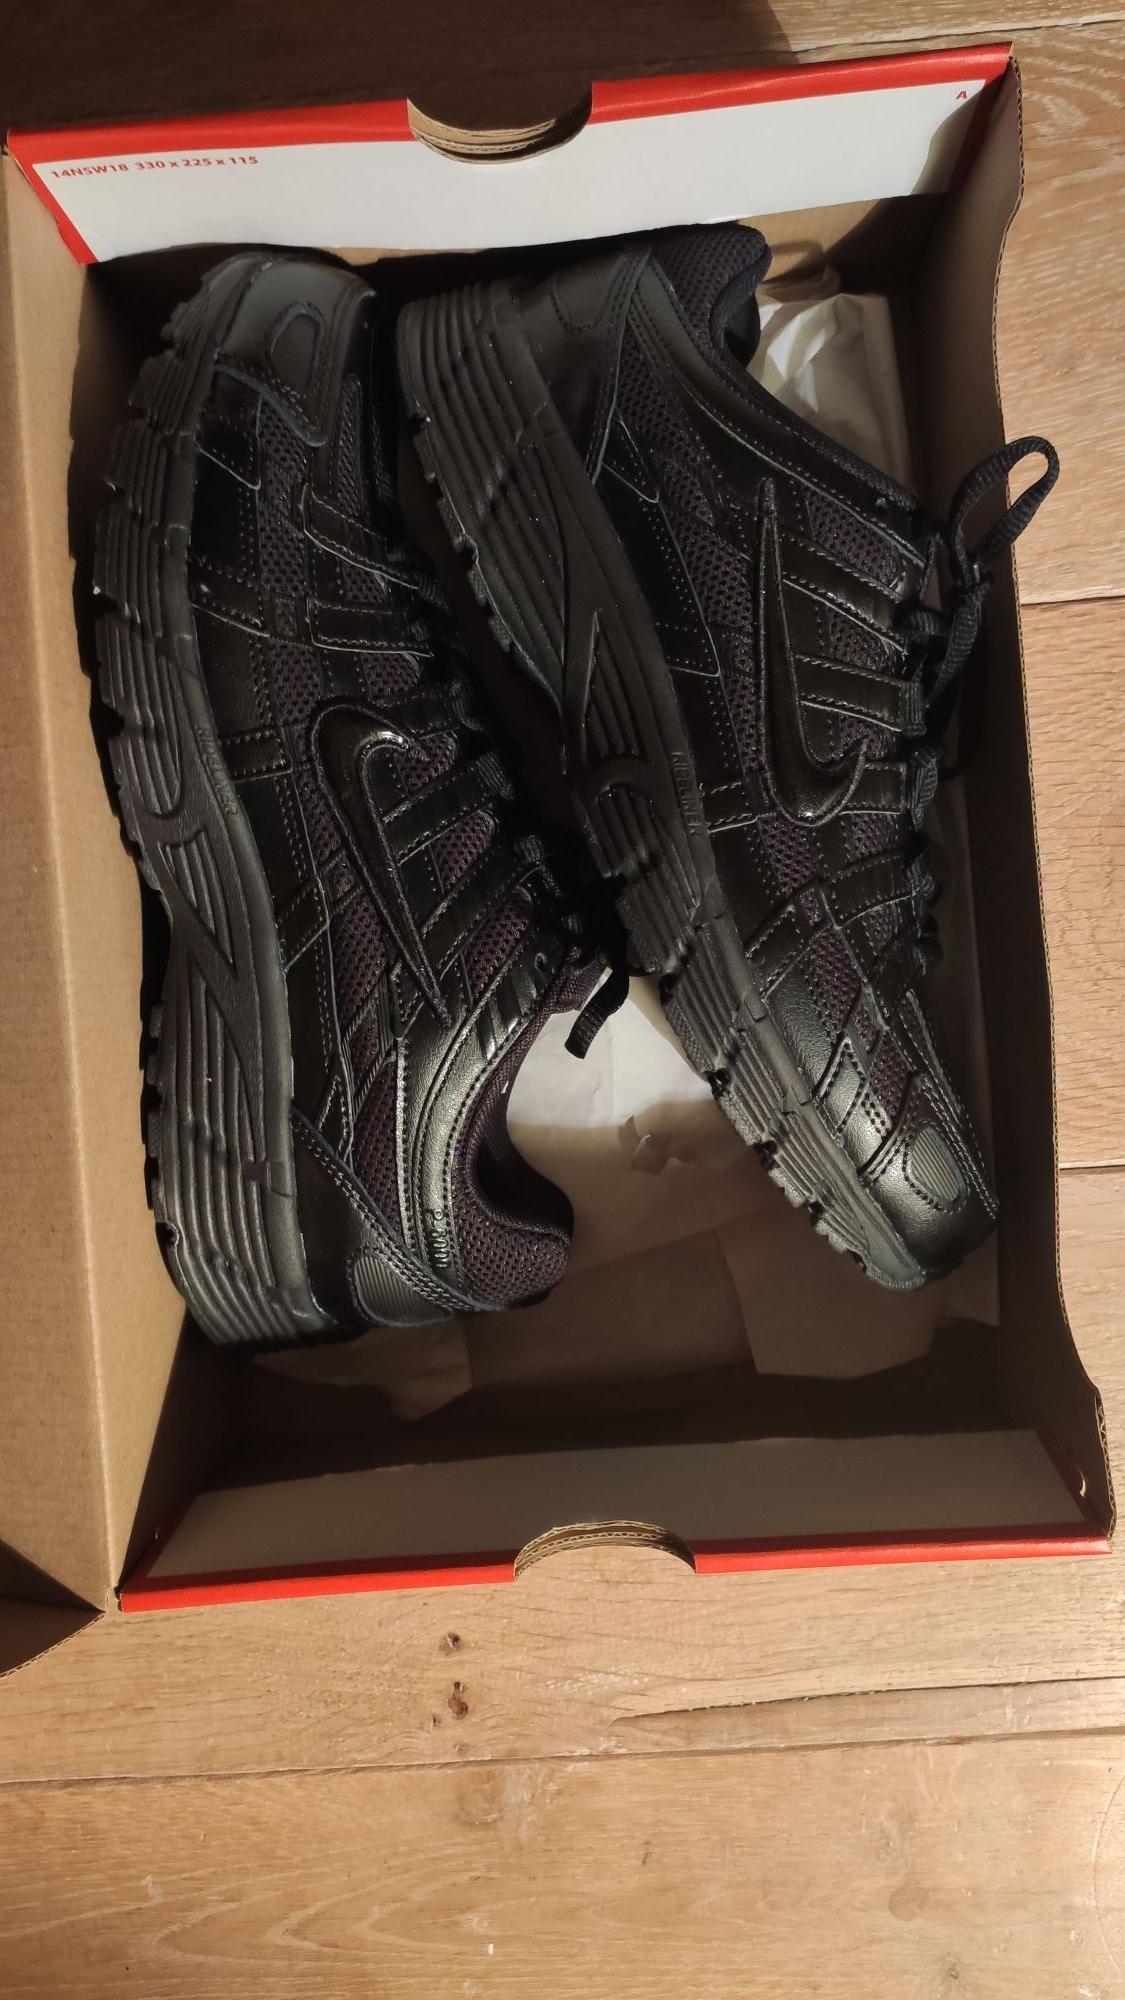 Paire de chaussures Nike P-6000 - Noir (Plusieurs Tailles disponibles) - Fleury-Mérogis (91)